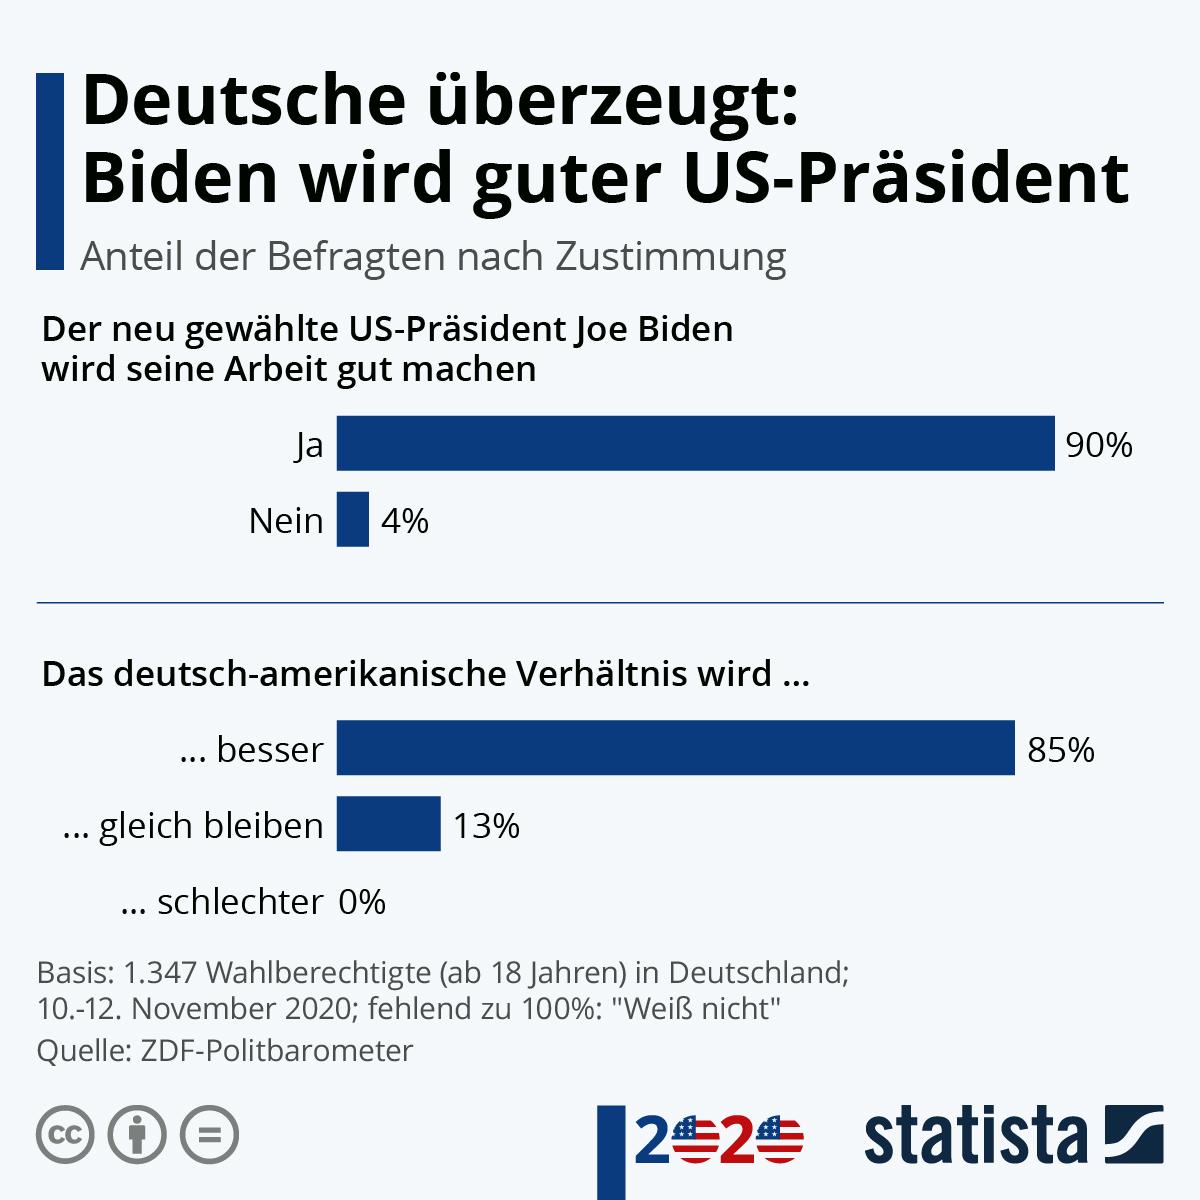 Infografik: Deutsche überzeugt: Biden wird guter US-Präsident | Statista